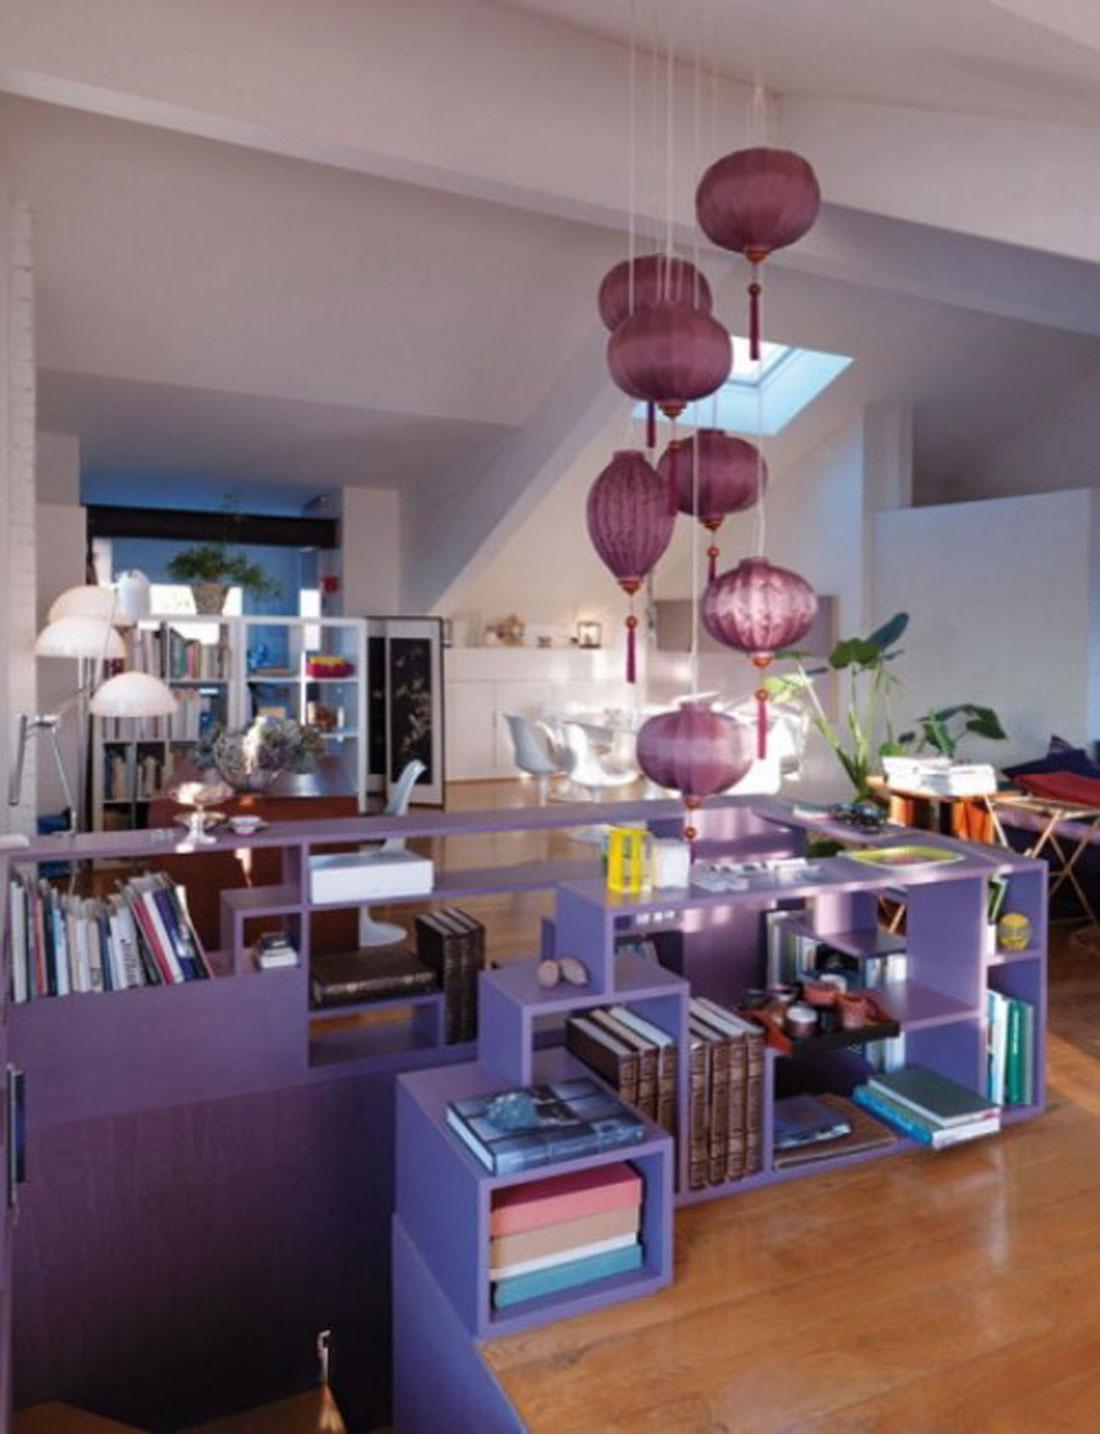 decoracao de interiores mistura de estilos : decoracao de interiores mistura de estilos:BLOG DE DECORAÇÃO-PUXE A CADEIRA E SENTE! : Um lindo loft, na cor